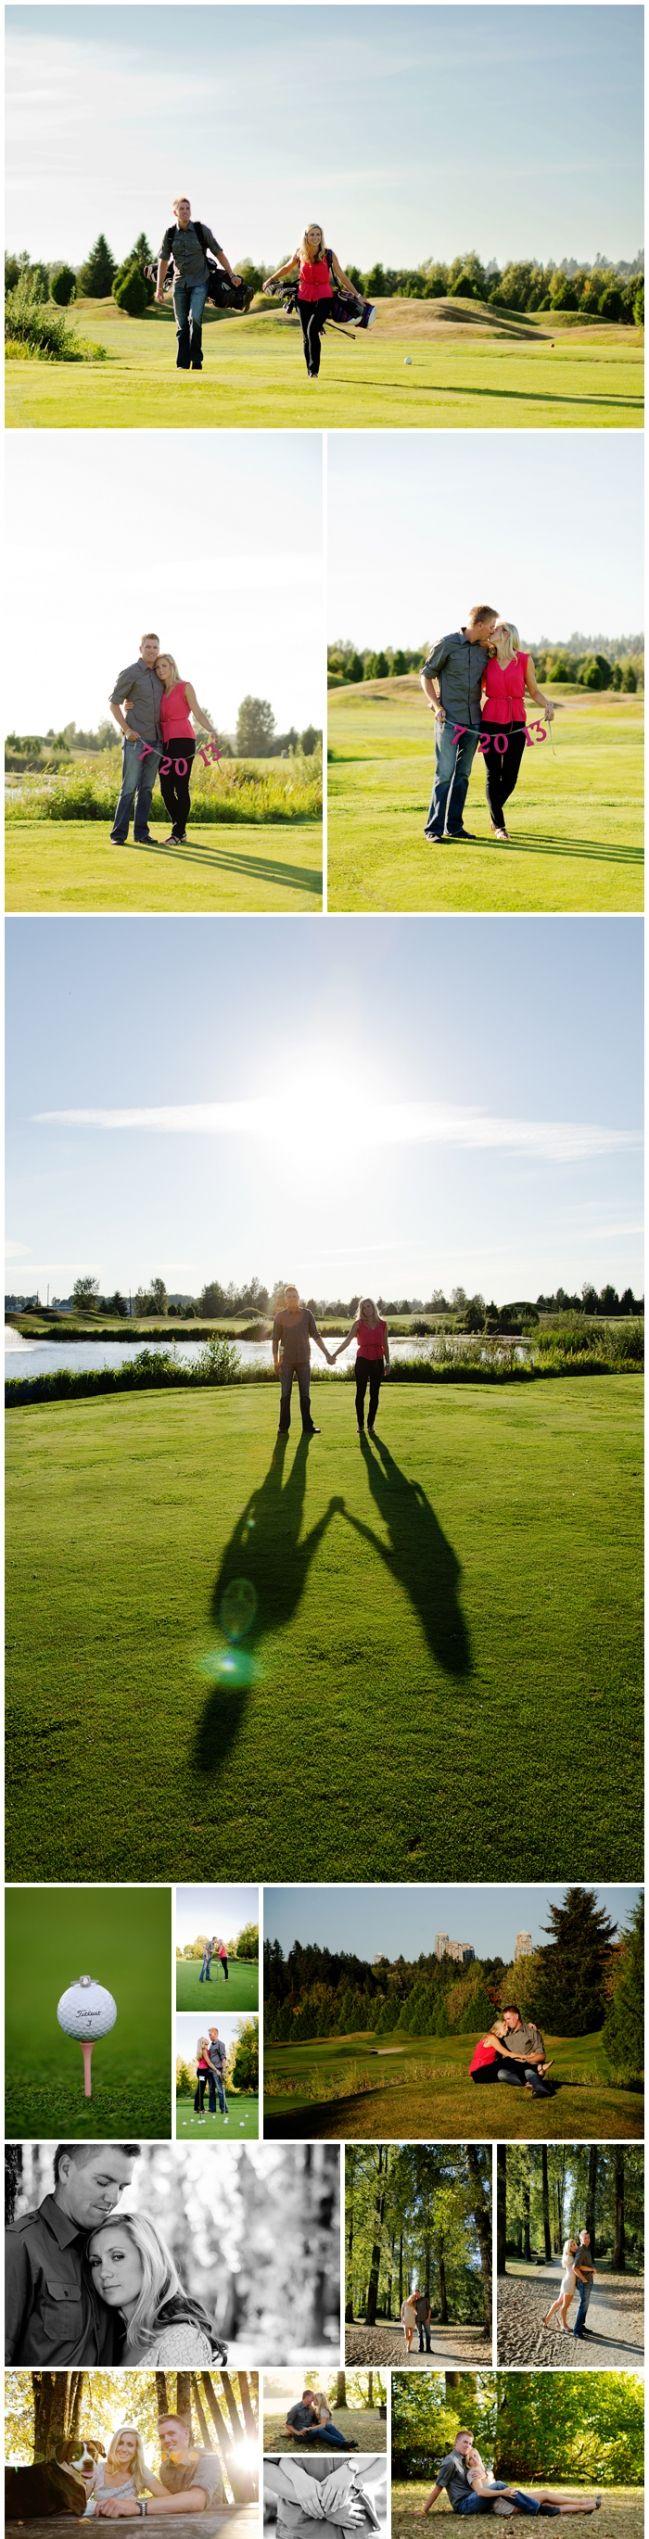 Golf-shadows-dog-engagement-love #golfengagementsession #engagementphotography  #weddingphotography